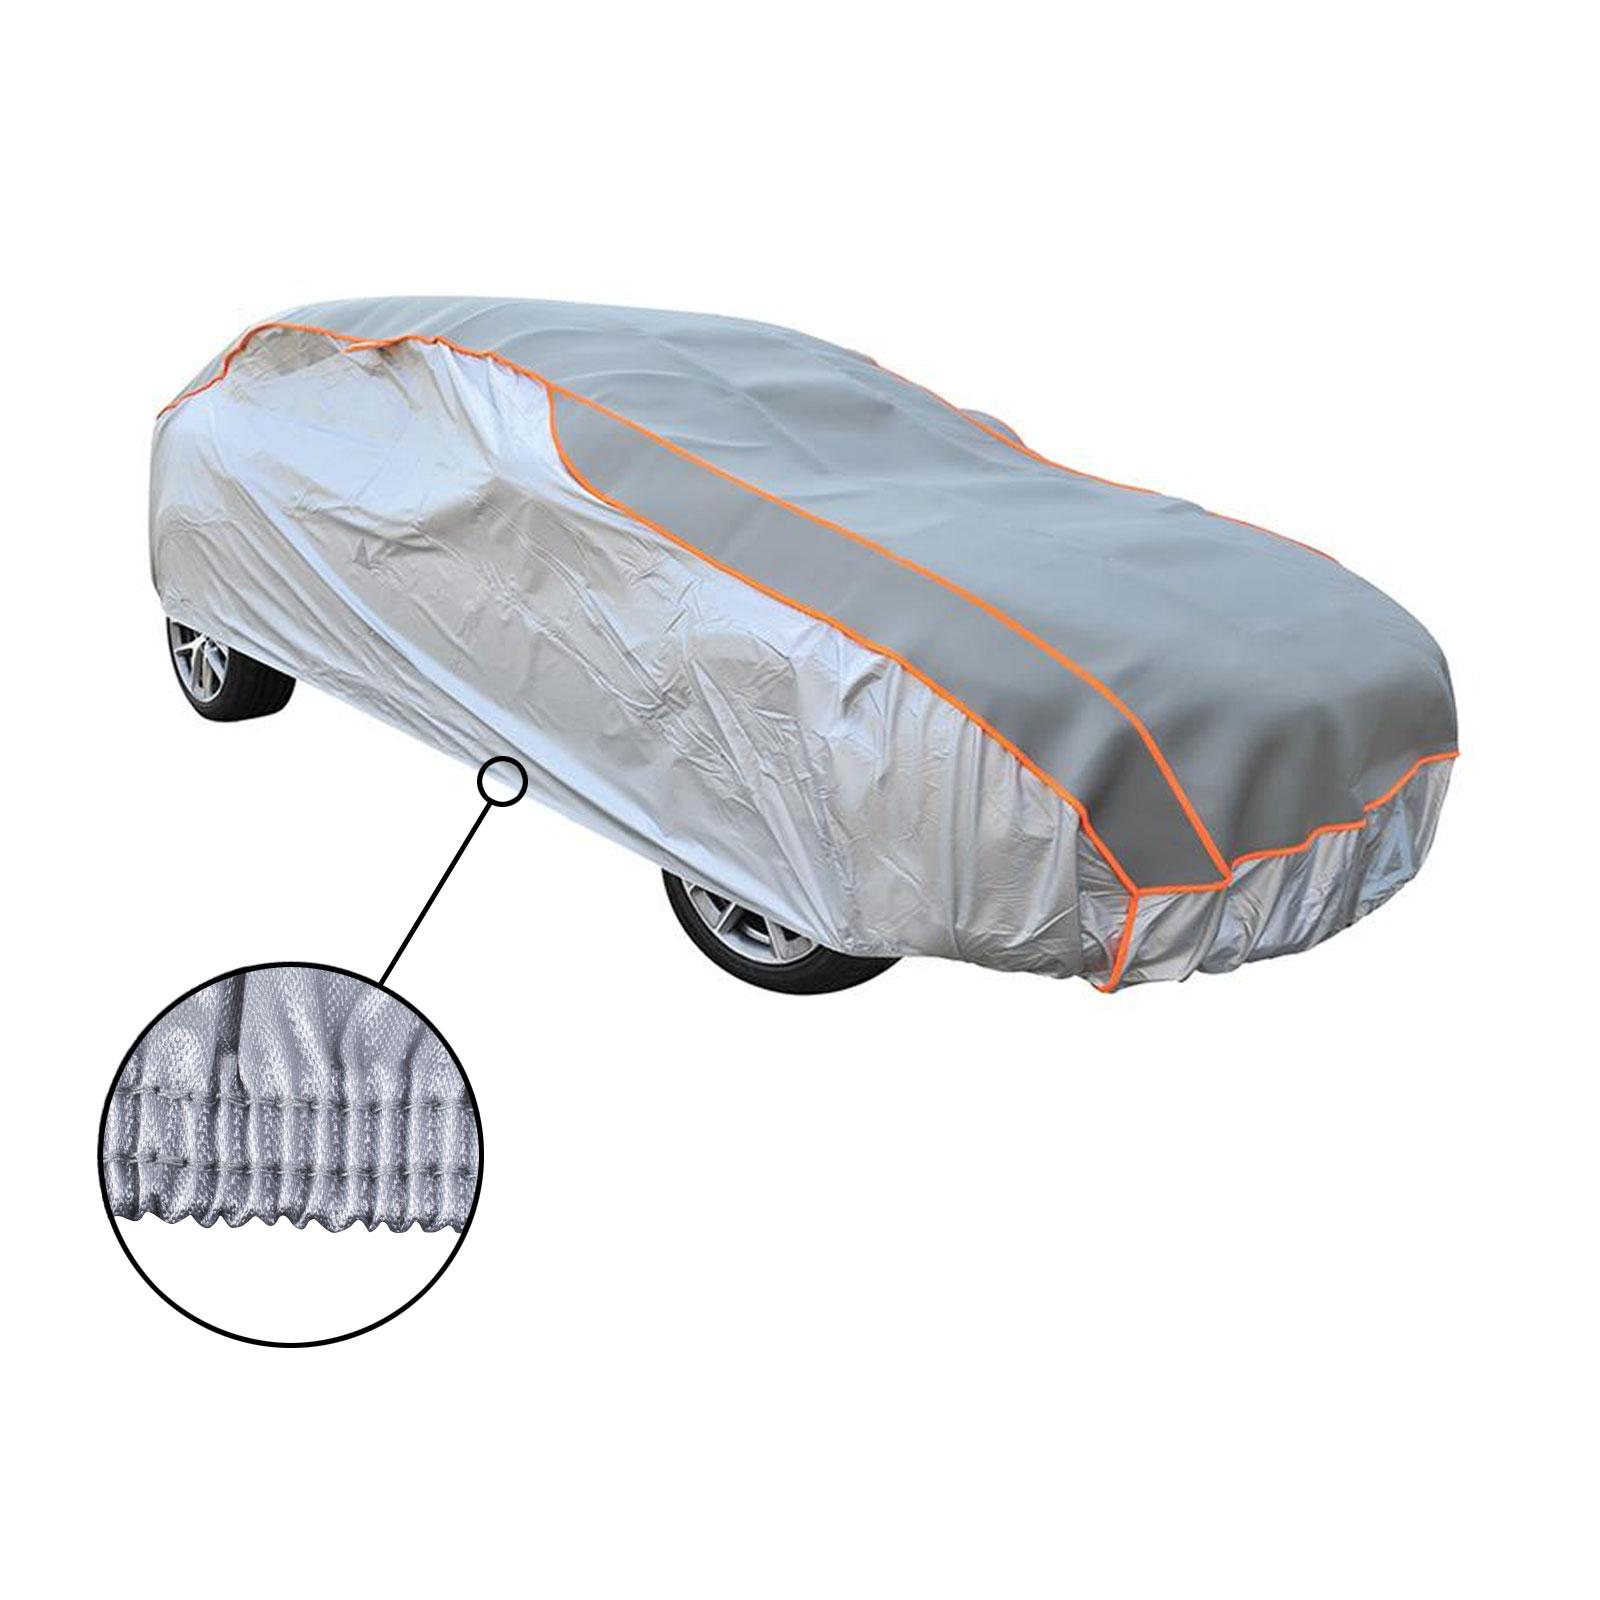 ProPlus Hagelschutzgarage L für Mittelklassewagen 482x177x119 cm